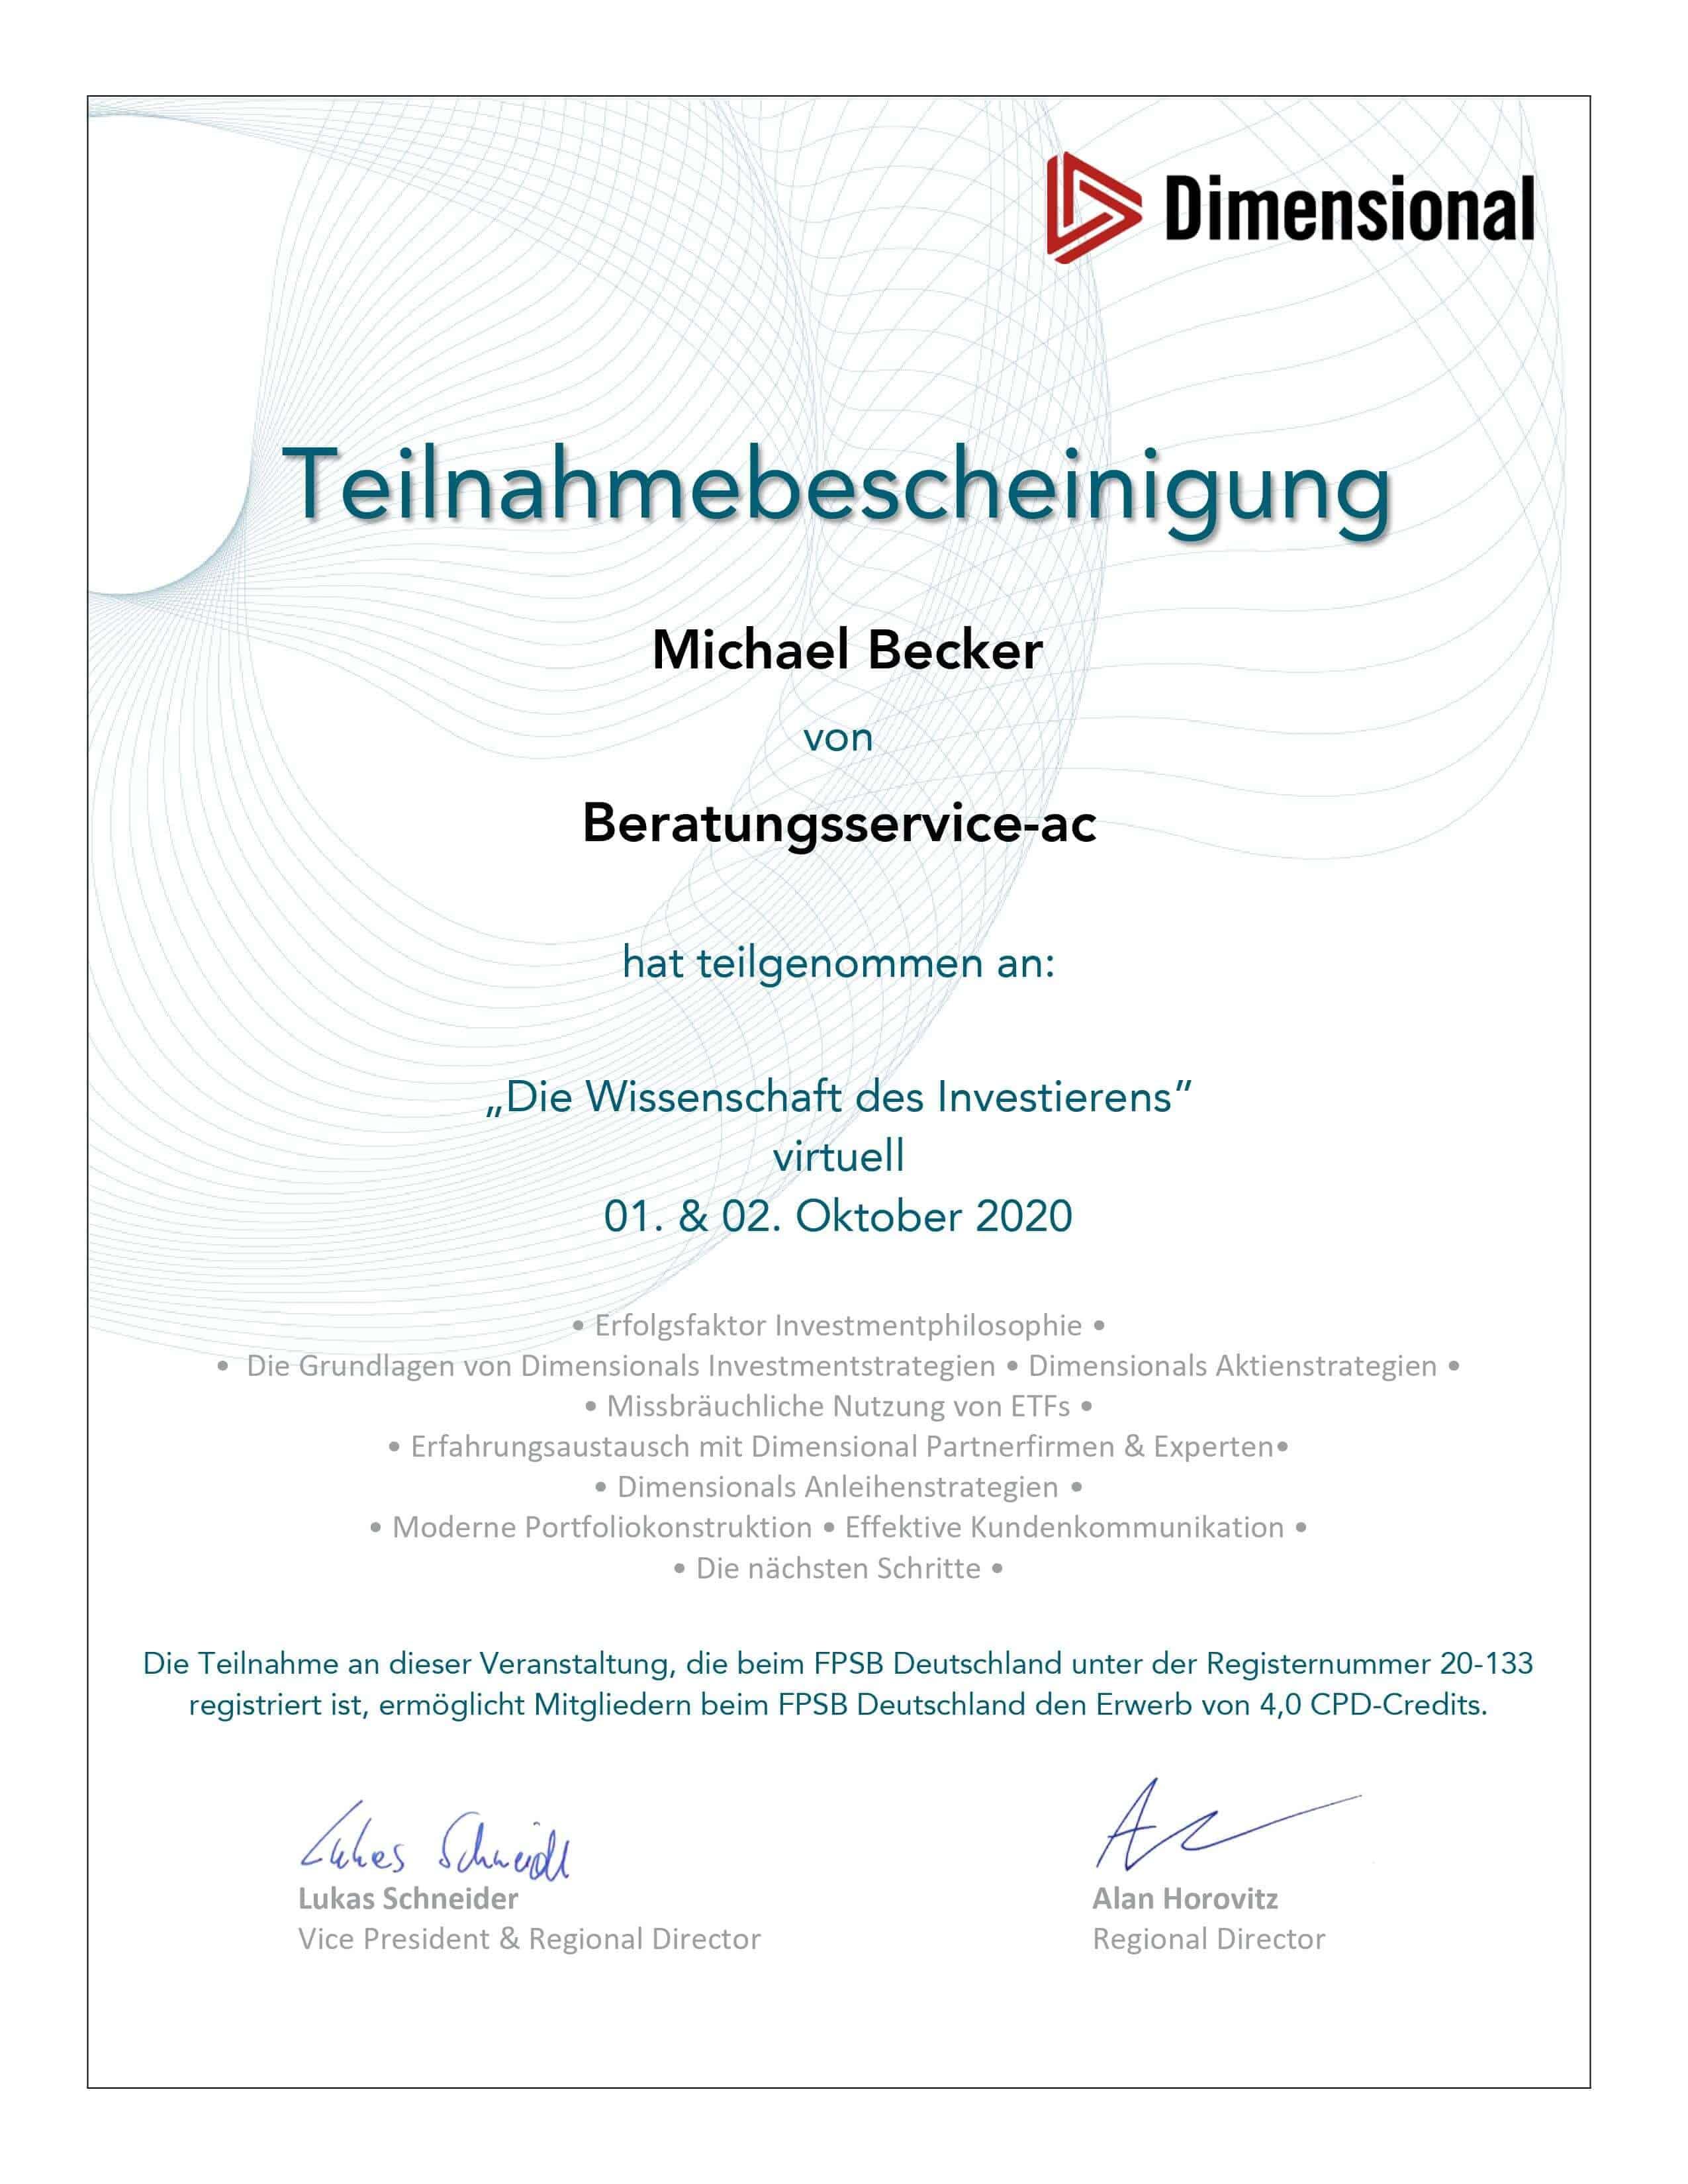 Dimensiona Funds Finanzberater Aachen Michael Becker